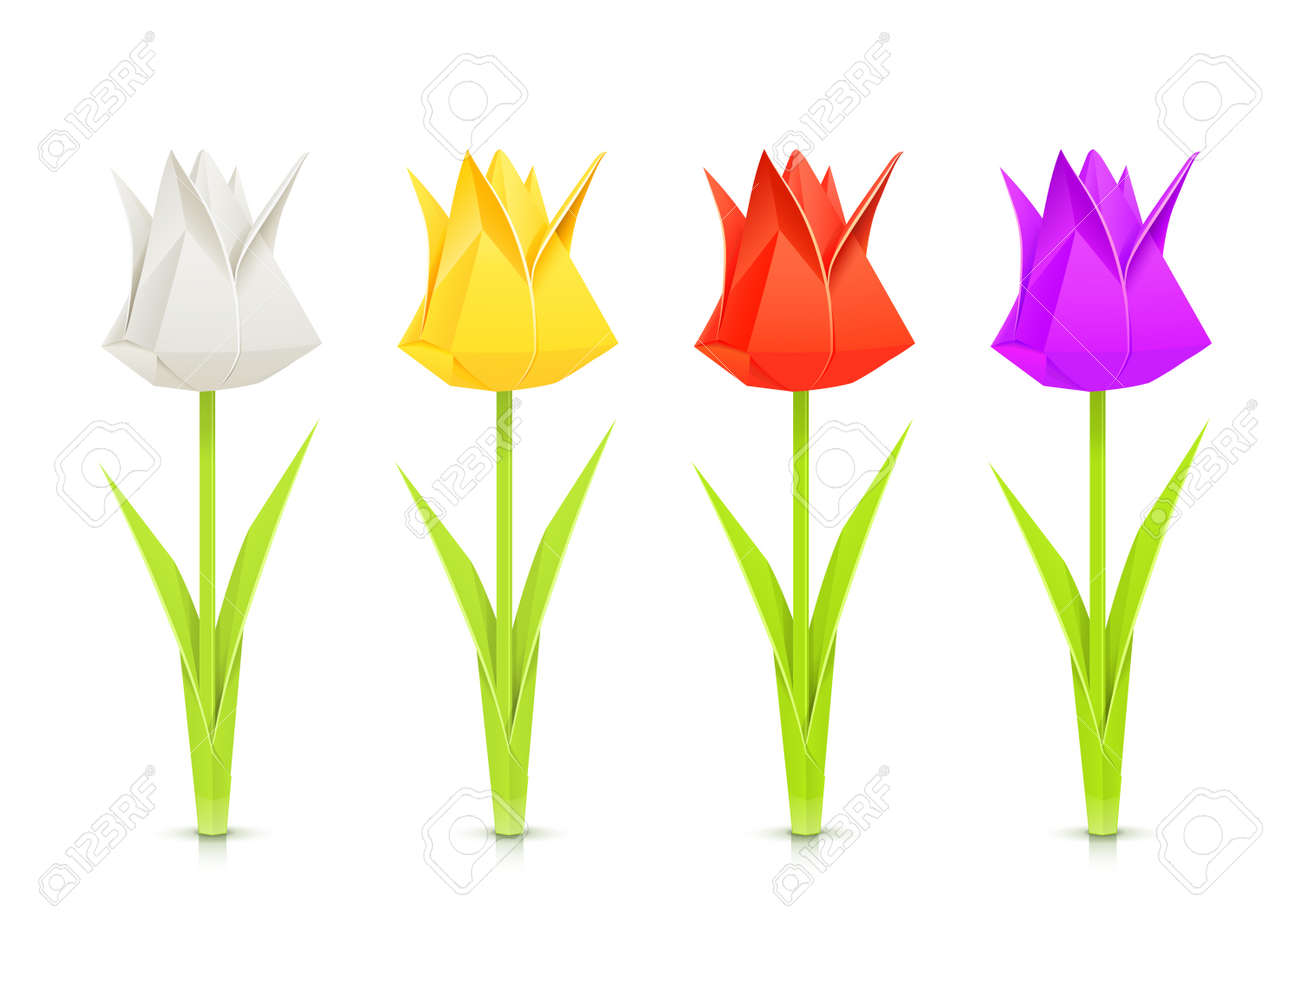 Mis De Papier Origami Tulipes Fleurs Illustration Vectorielle Isolé